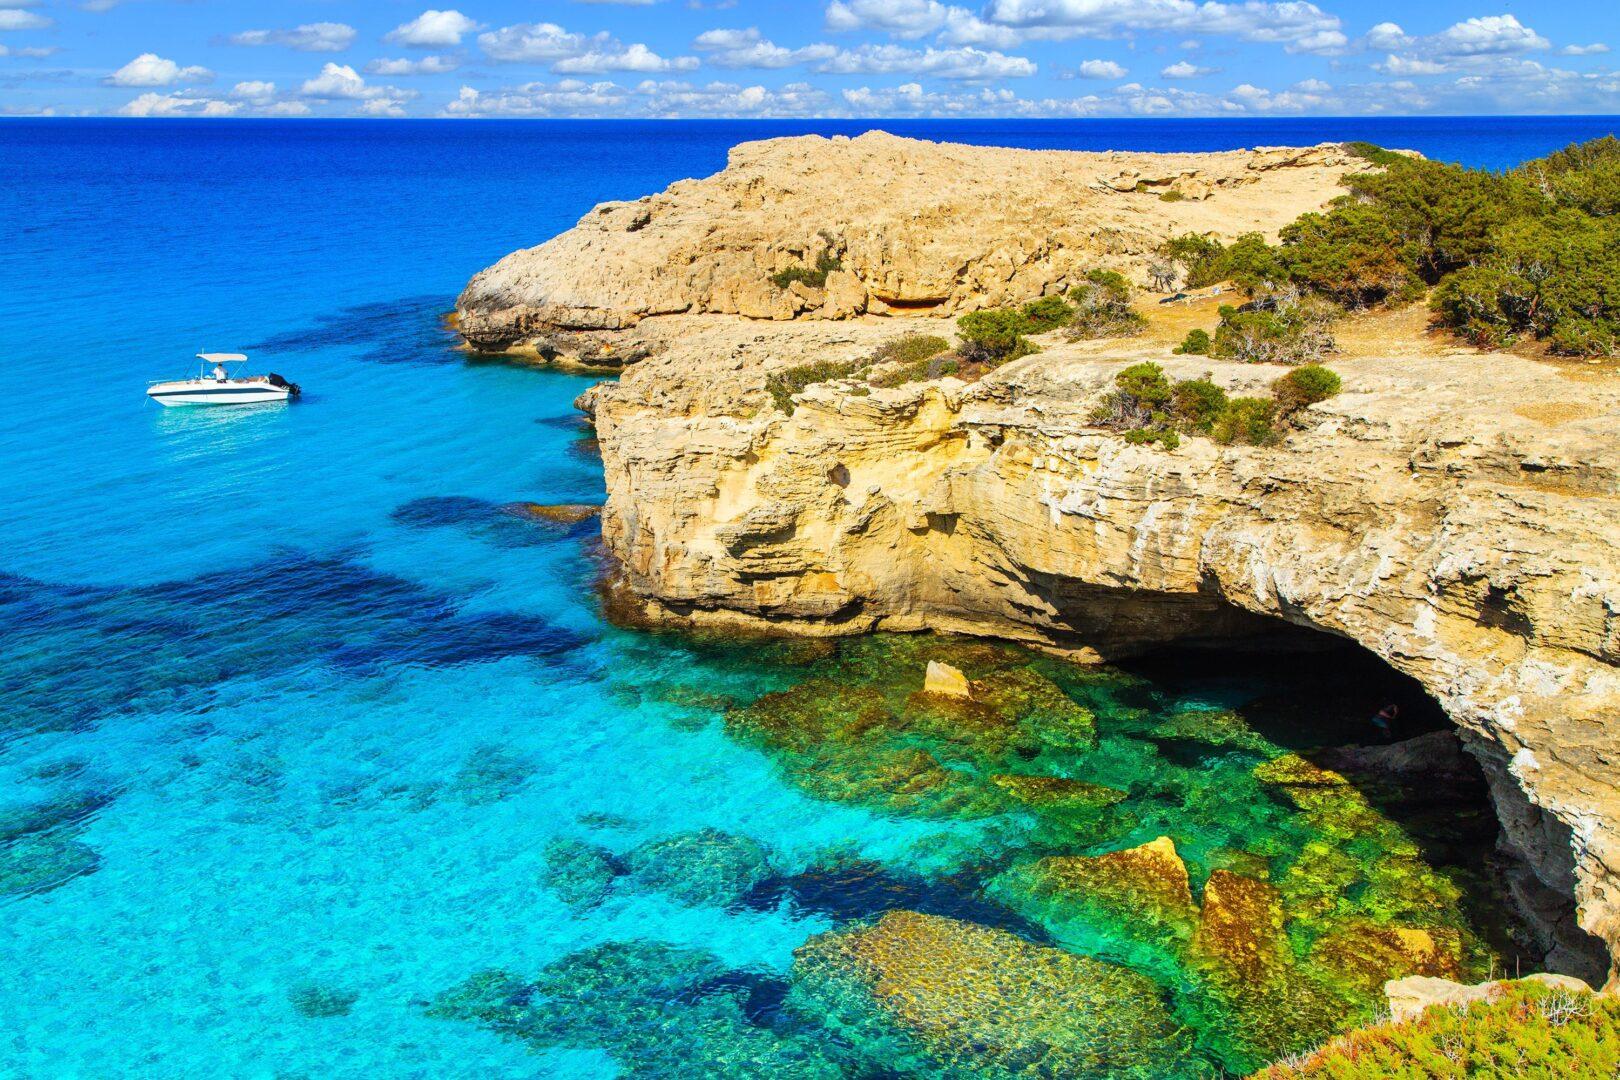 Кипр это шикарное направление для чартера элитных суперяхт на Средиземке